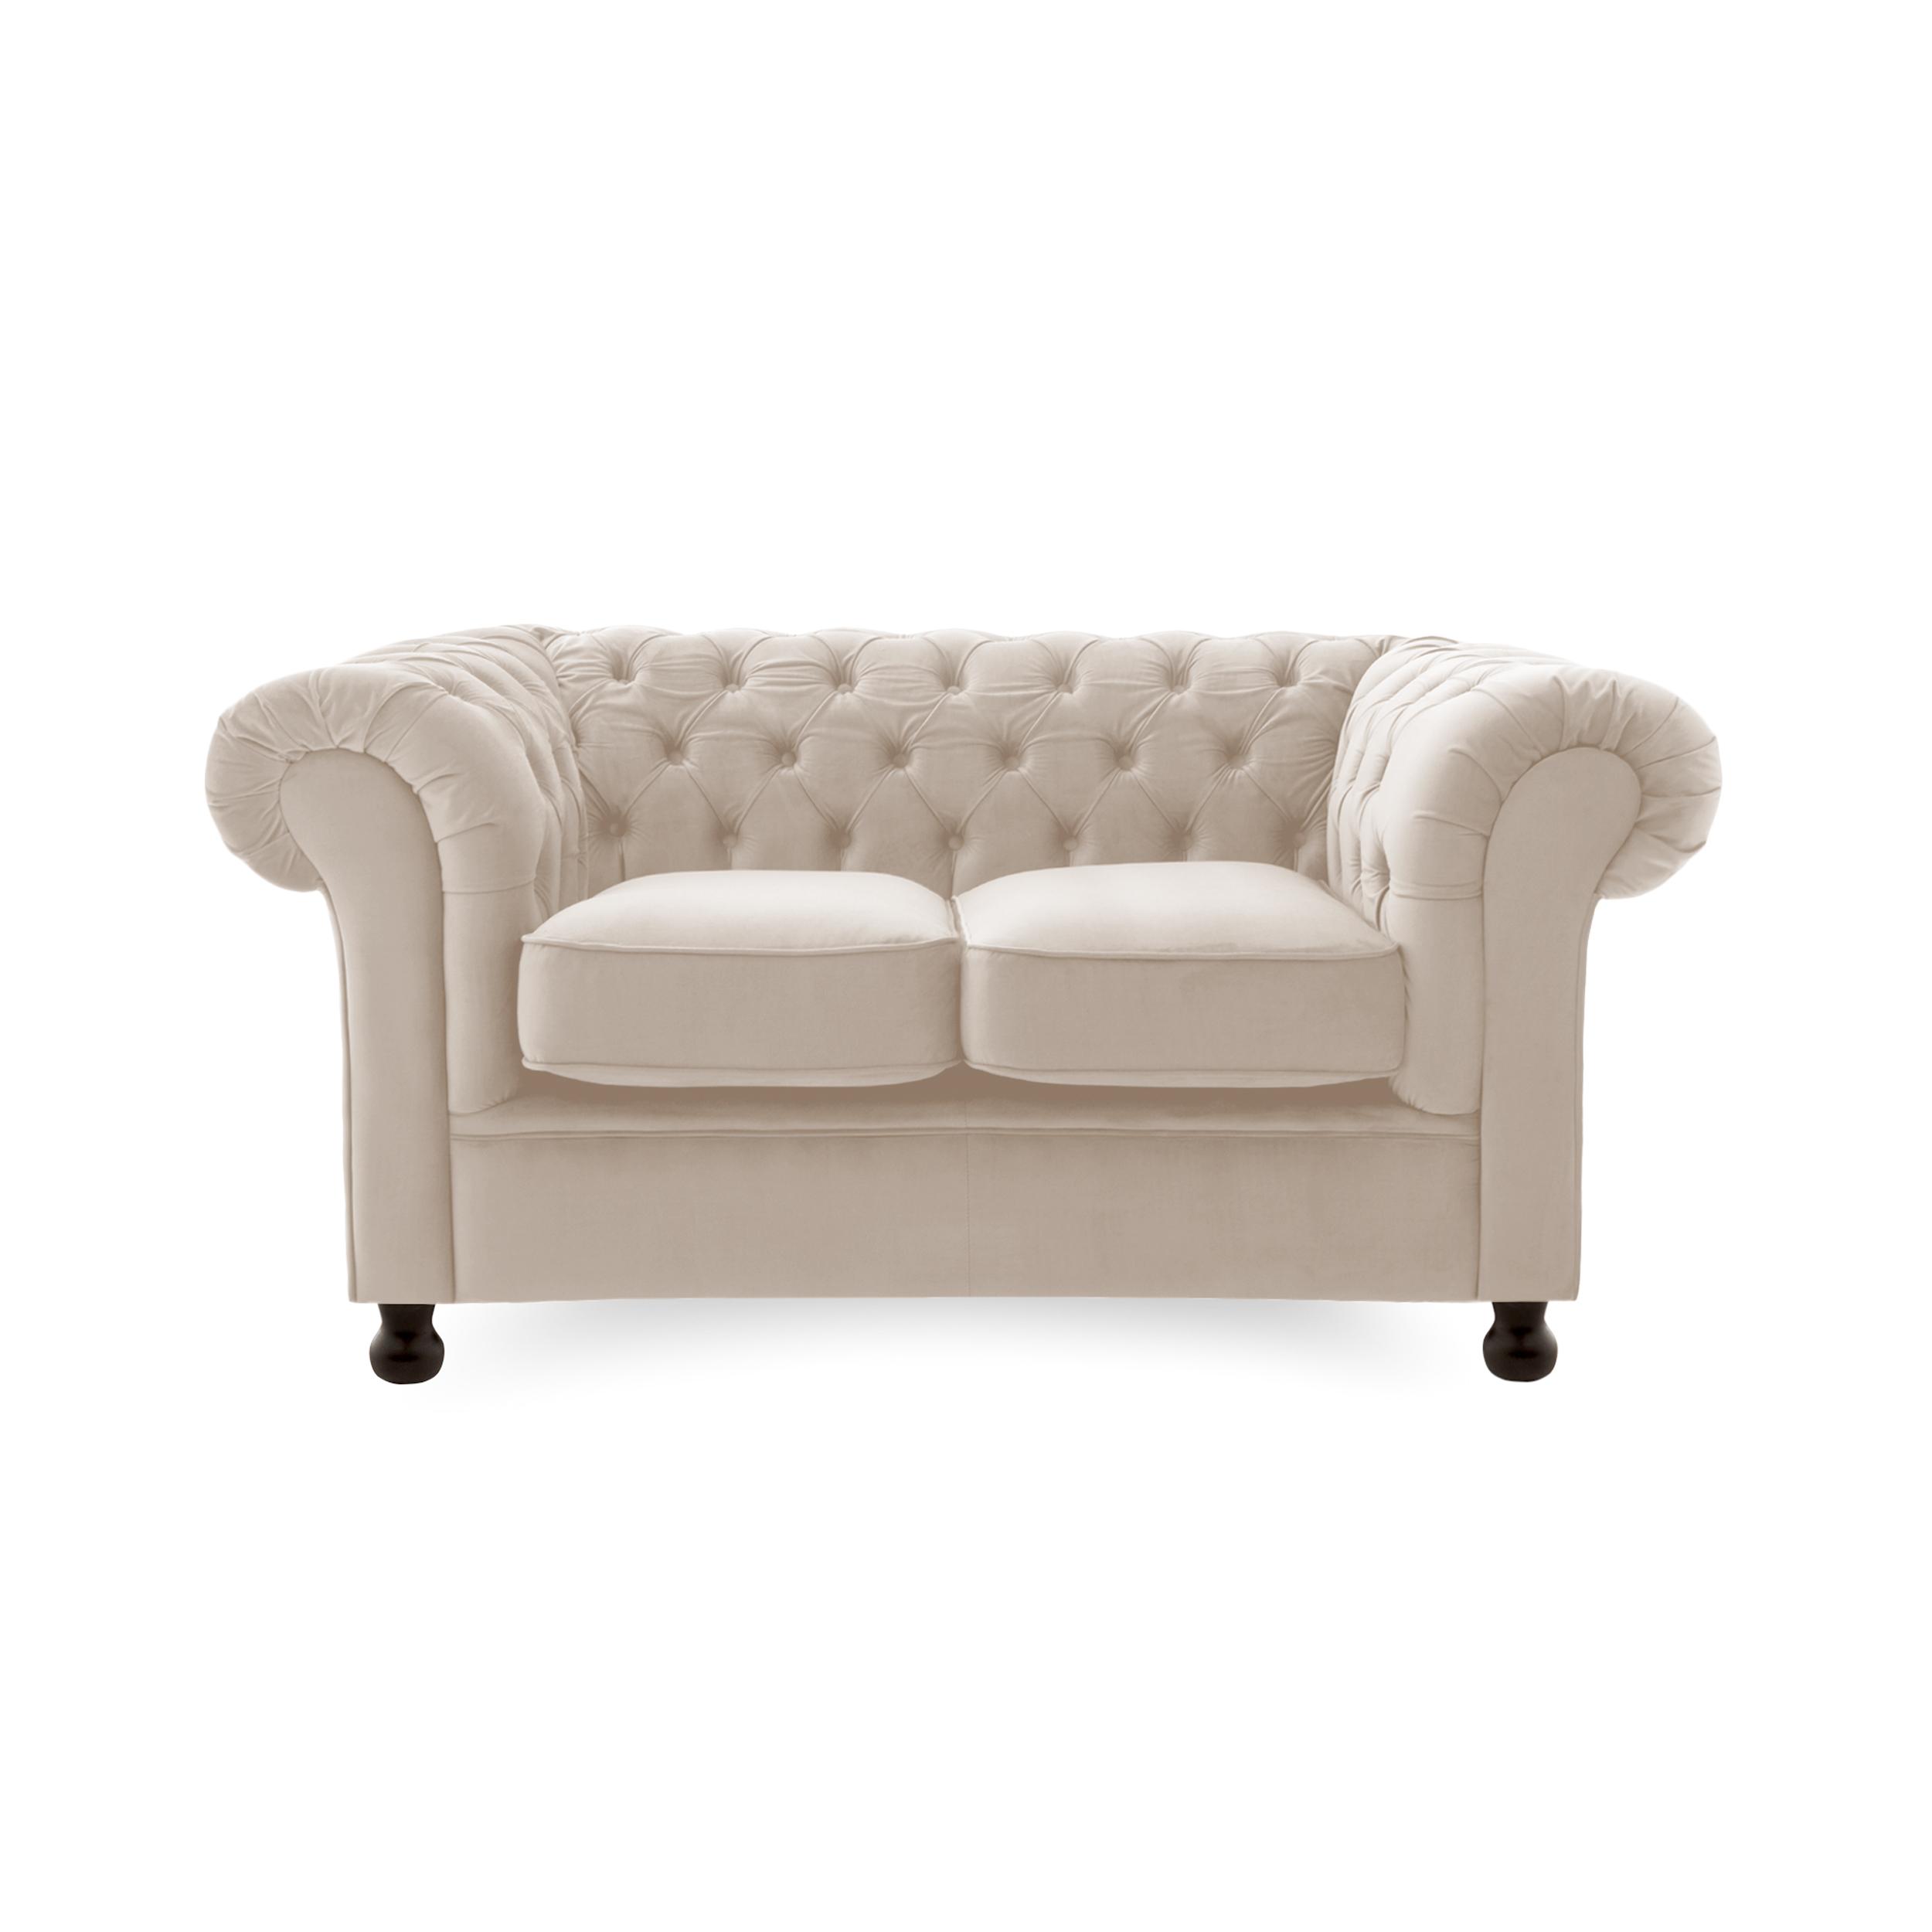 Canapea Fixa 2 locuri Chesterfield Silky Grey